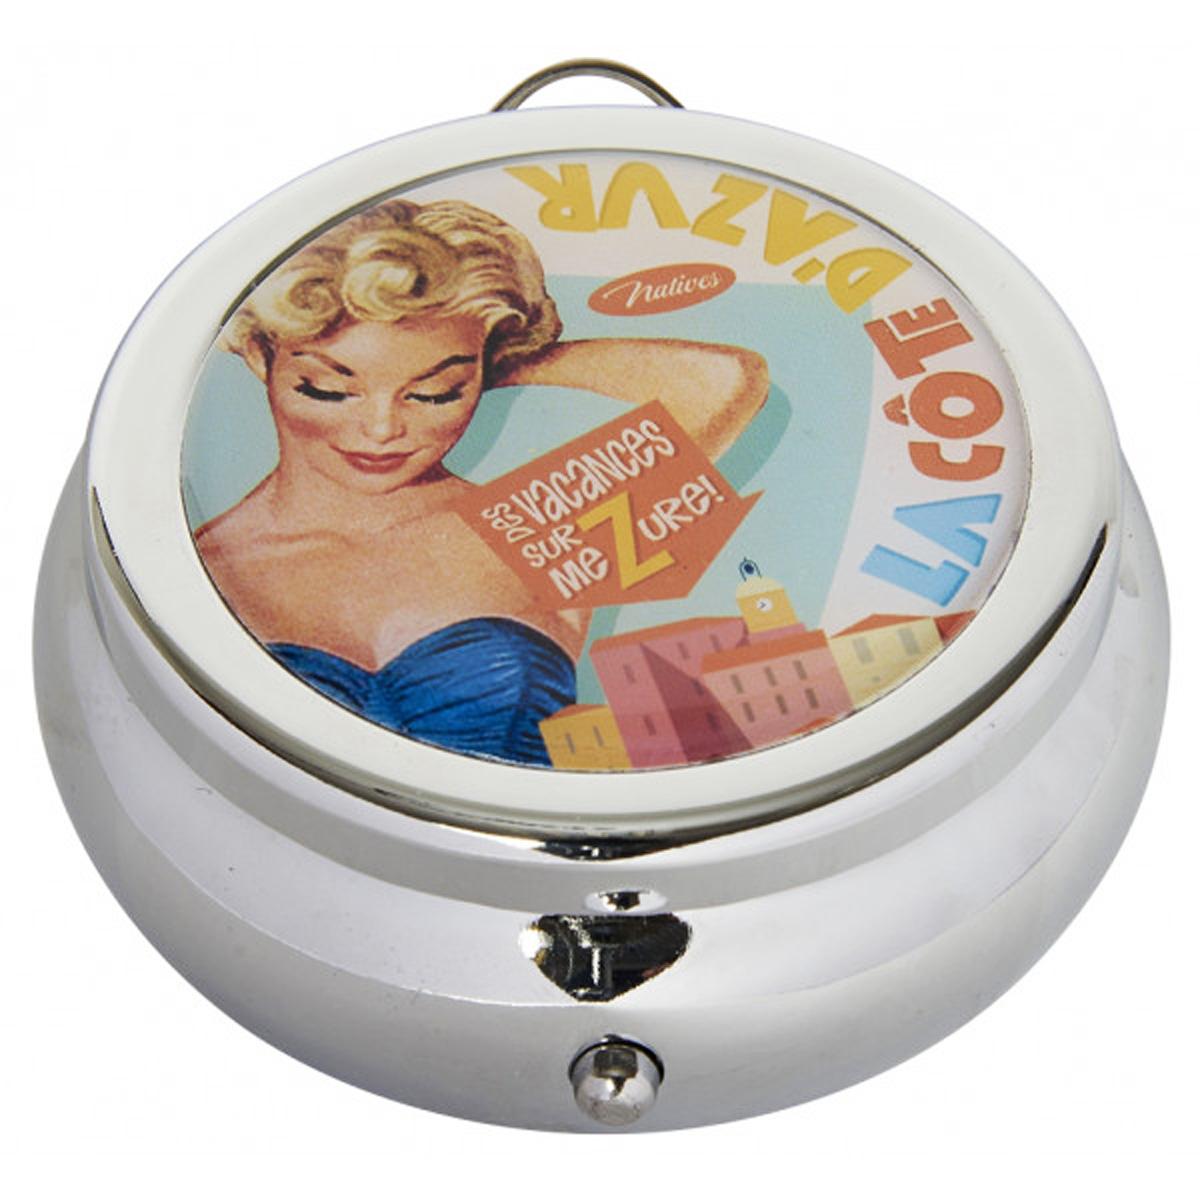 Cendrier de poche \'French Vintage\' (Côte d\'Azur) - 68x30 mm - [Q7157]